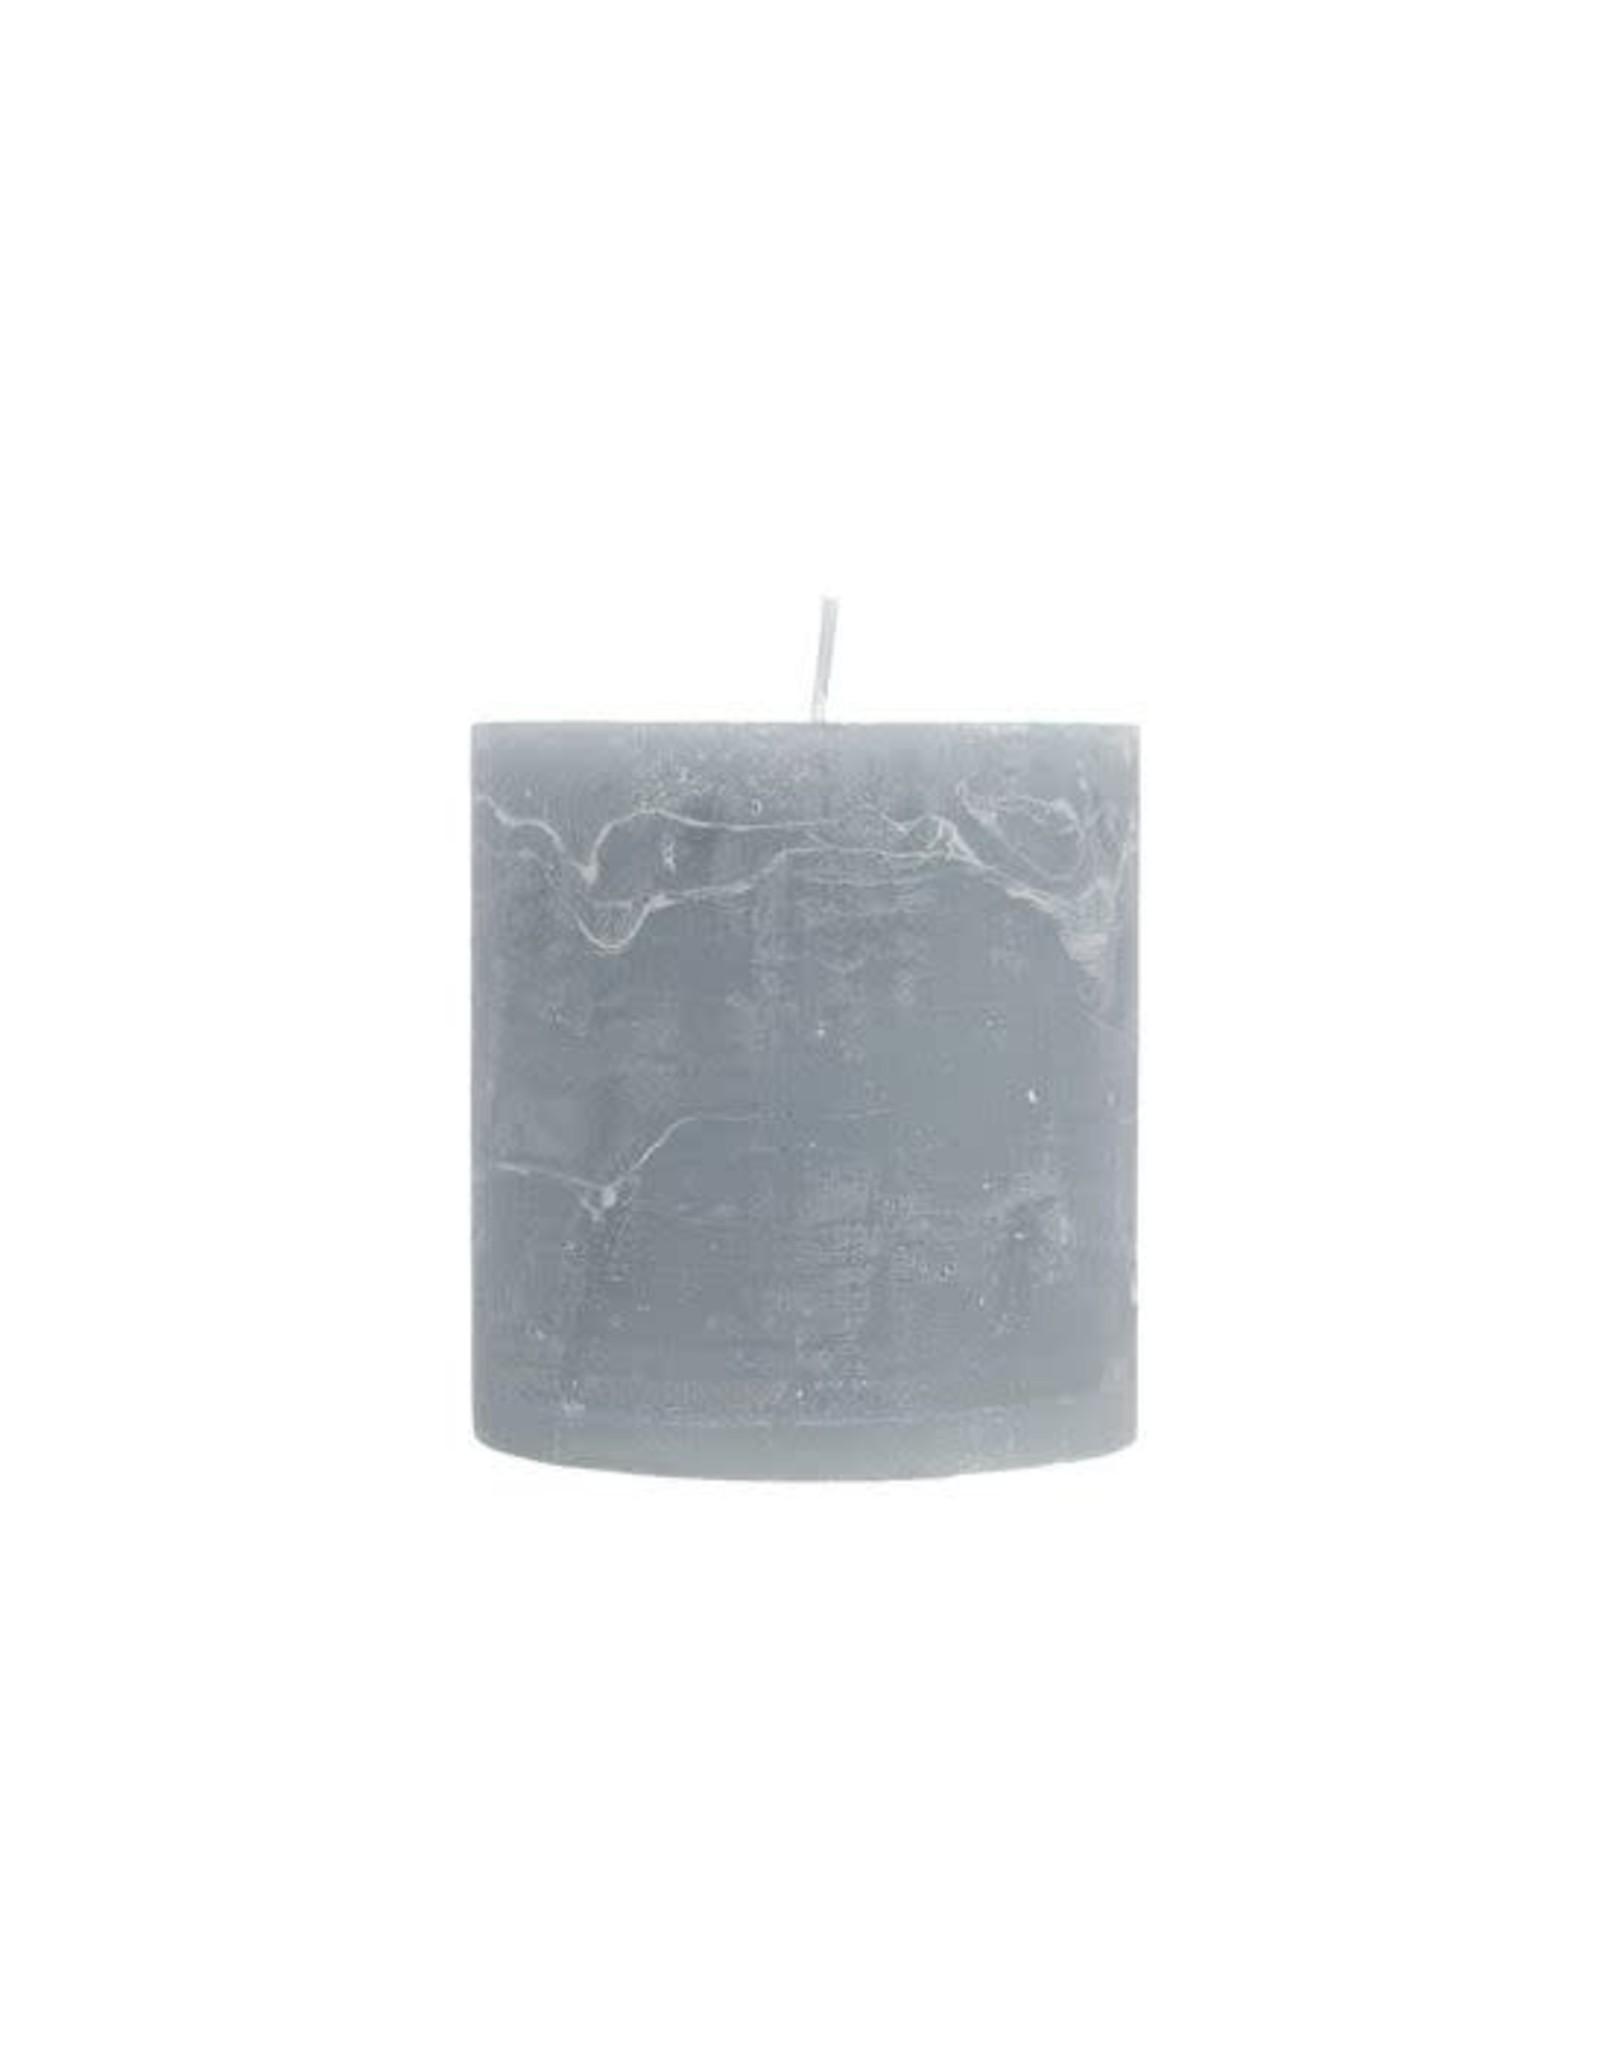 Zusss Zusss stompkaars grijs-blauw Ø7cm